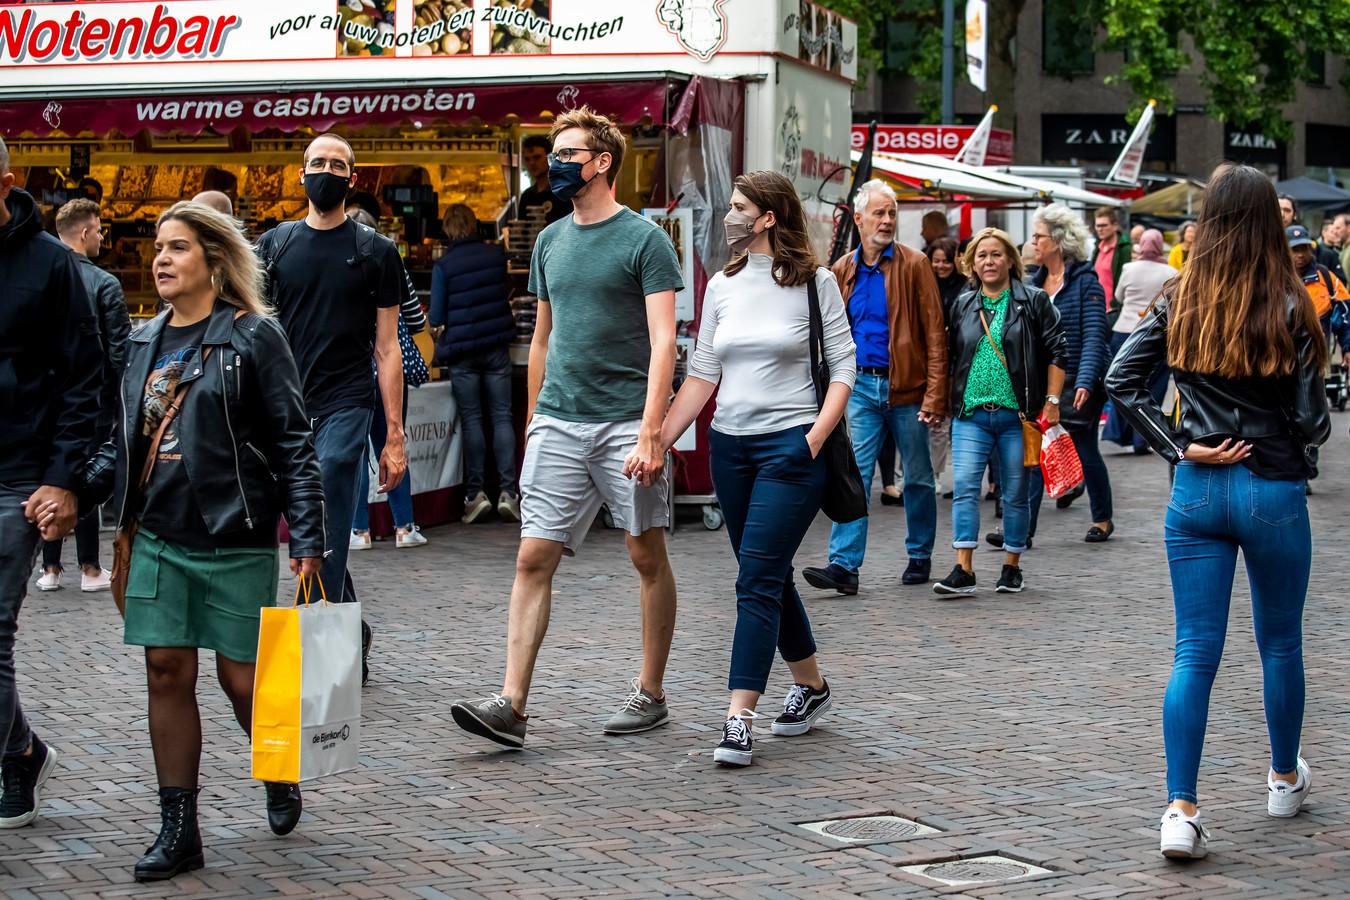 Vooral op zaterdagen is de Utrechtse binnenstad volgens de politiek nu te druk om goed afstand te kunnen houden, zoals hier op het Vredenburgplein.